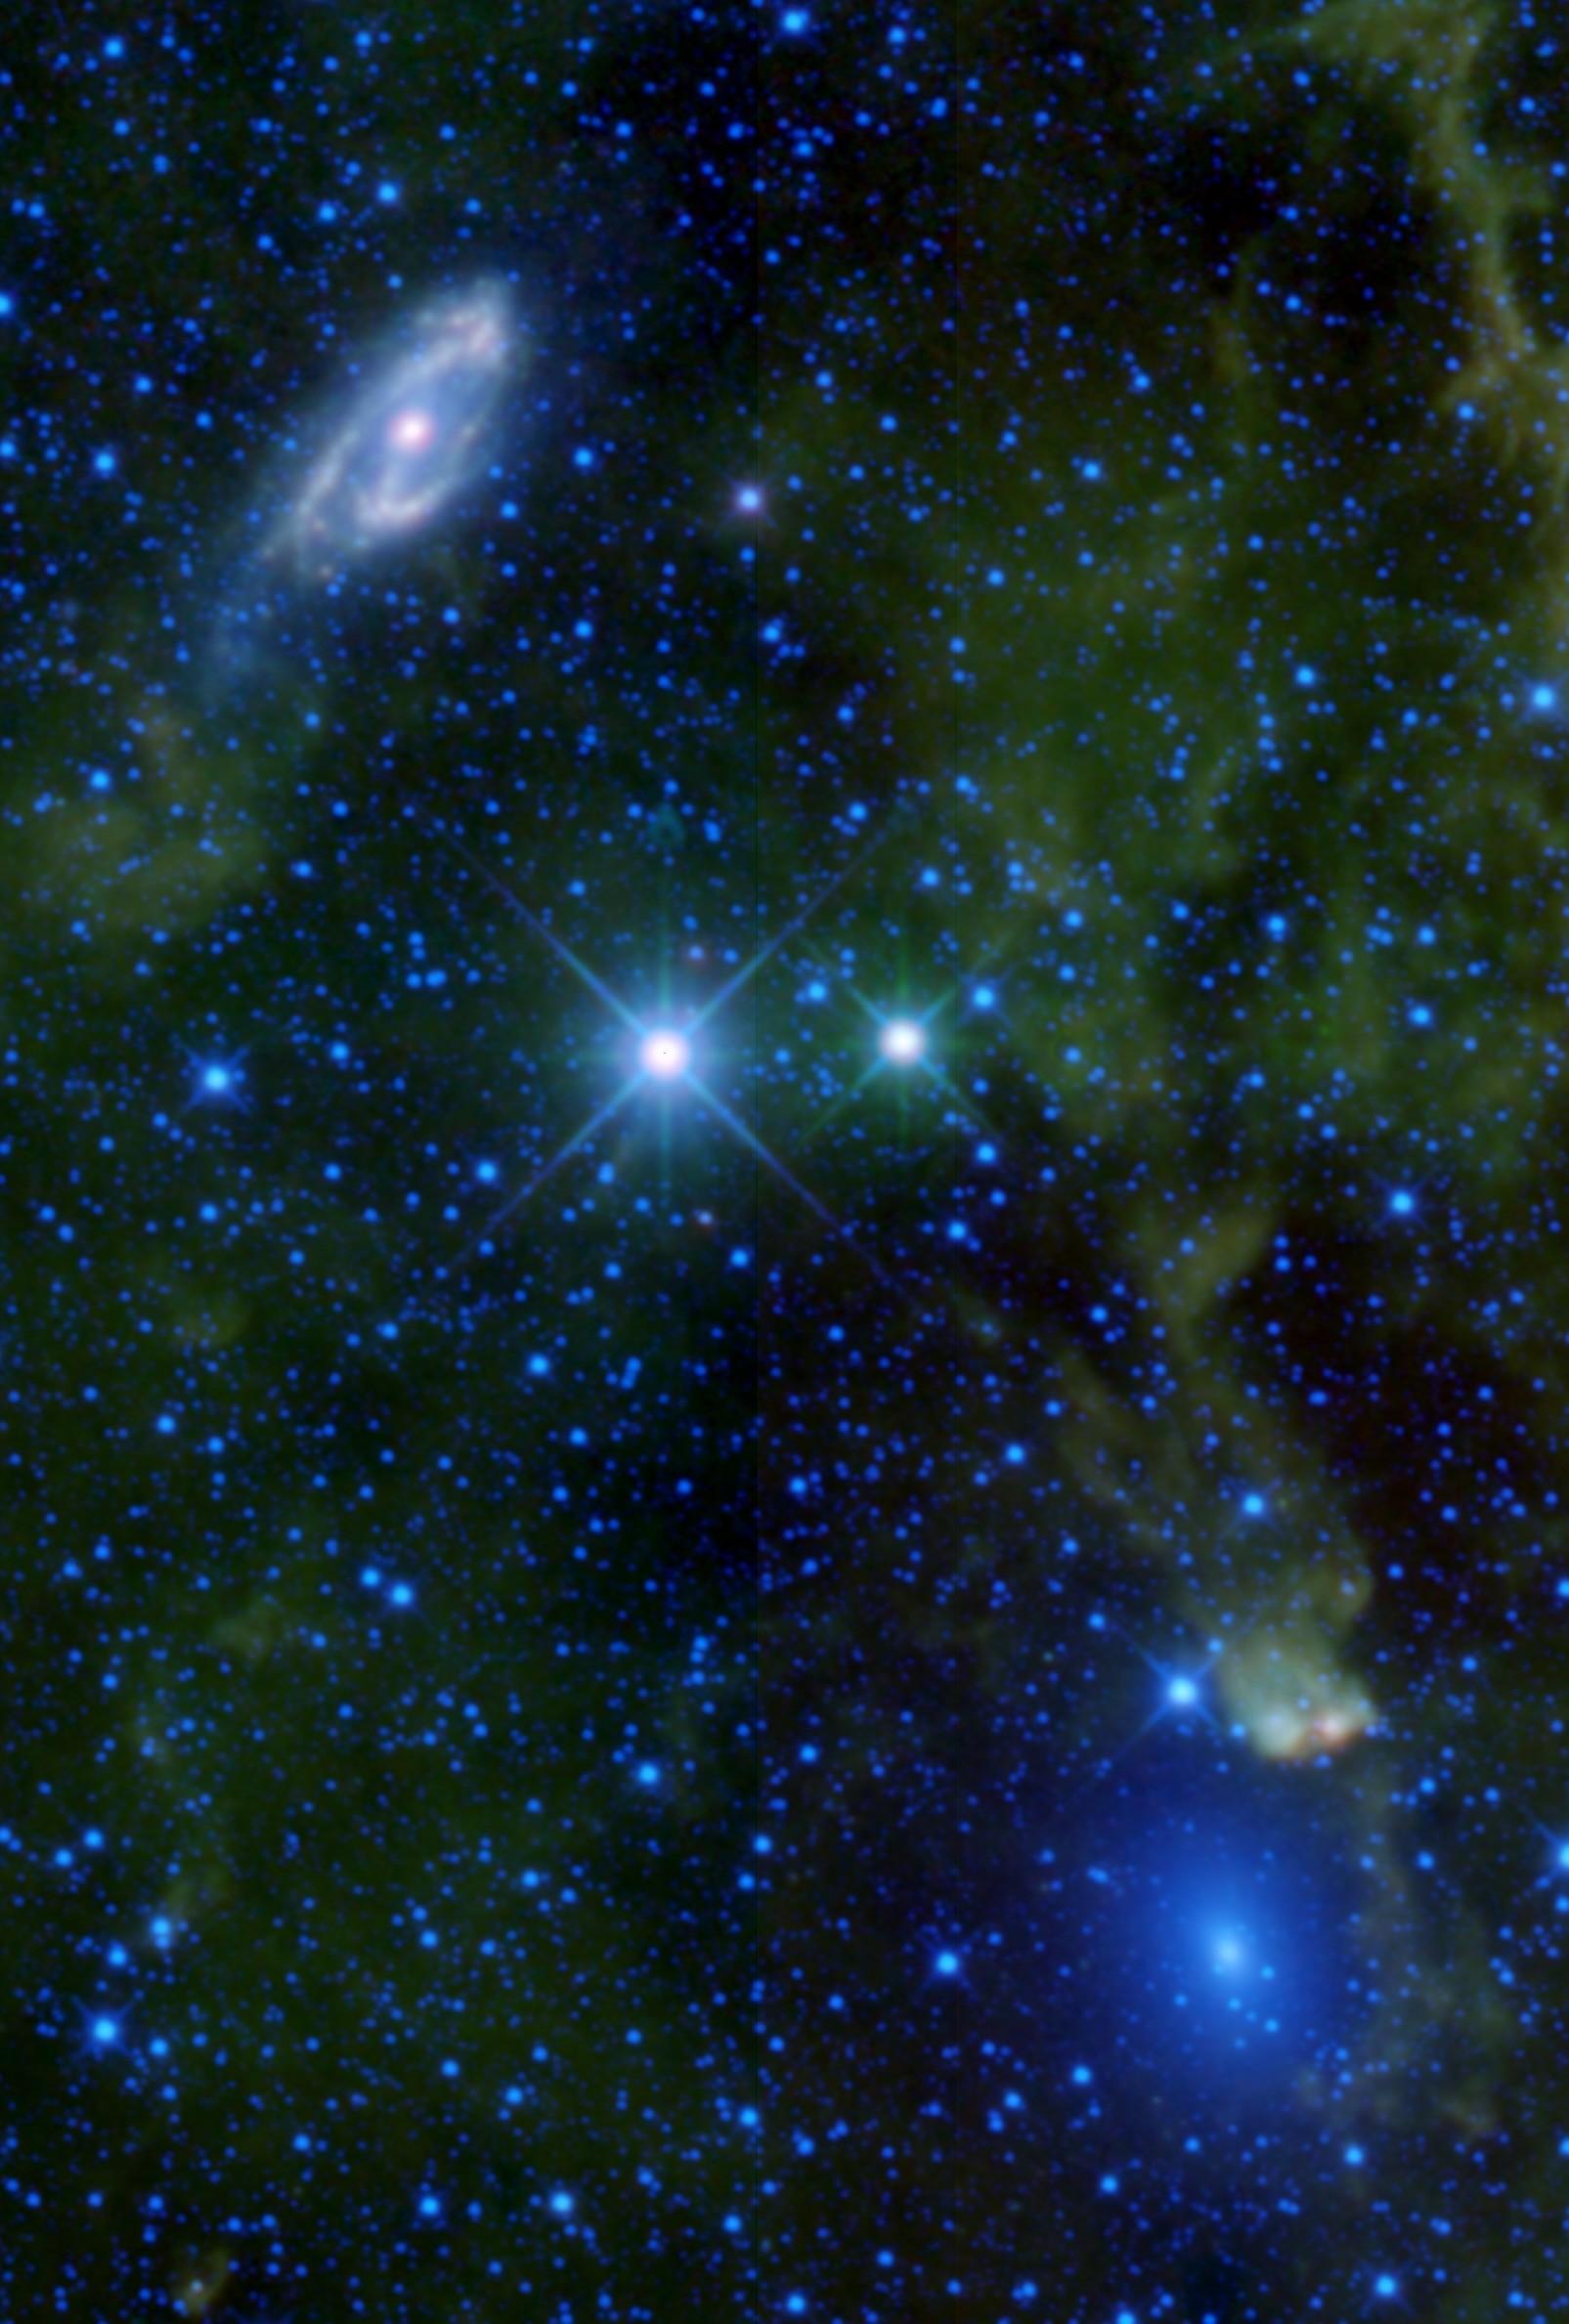 Maffei 1 Galaxy File Maffei 1 And 2 Cropped